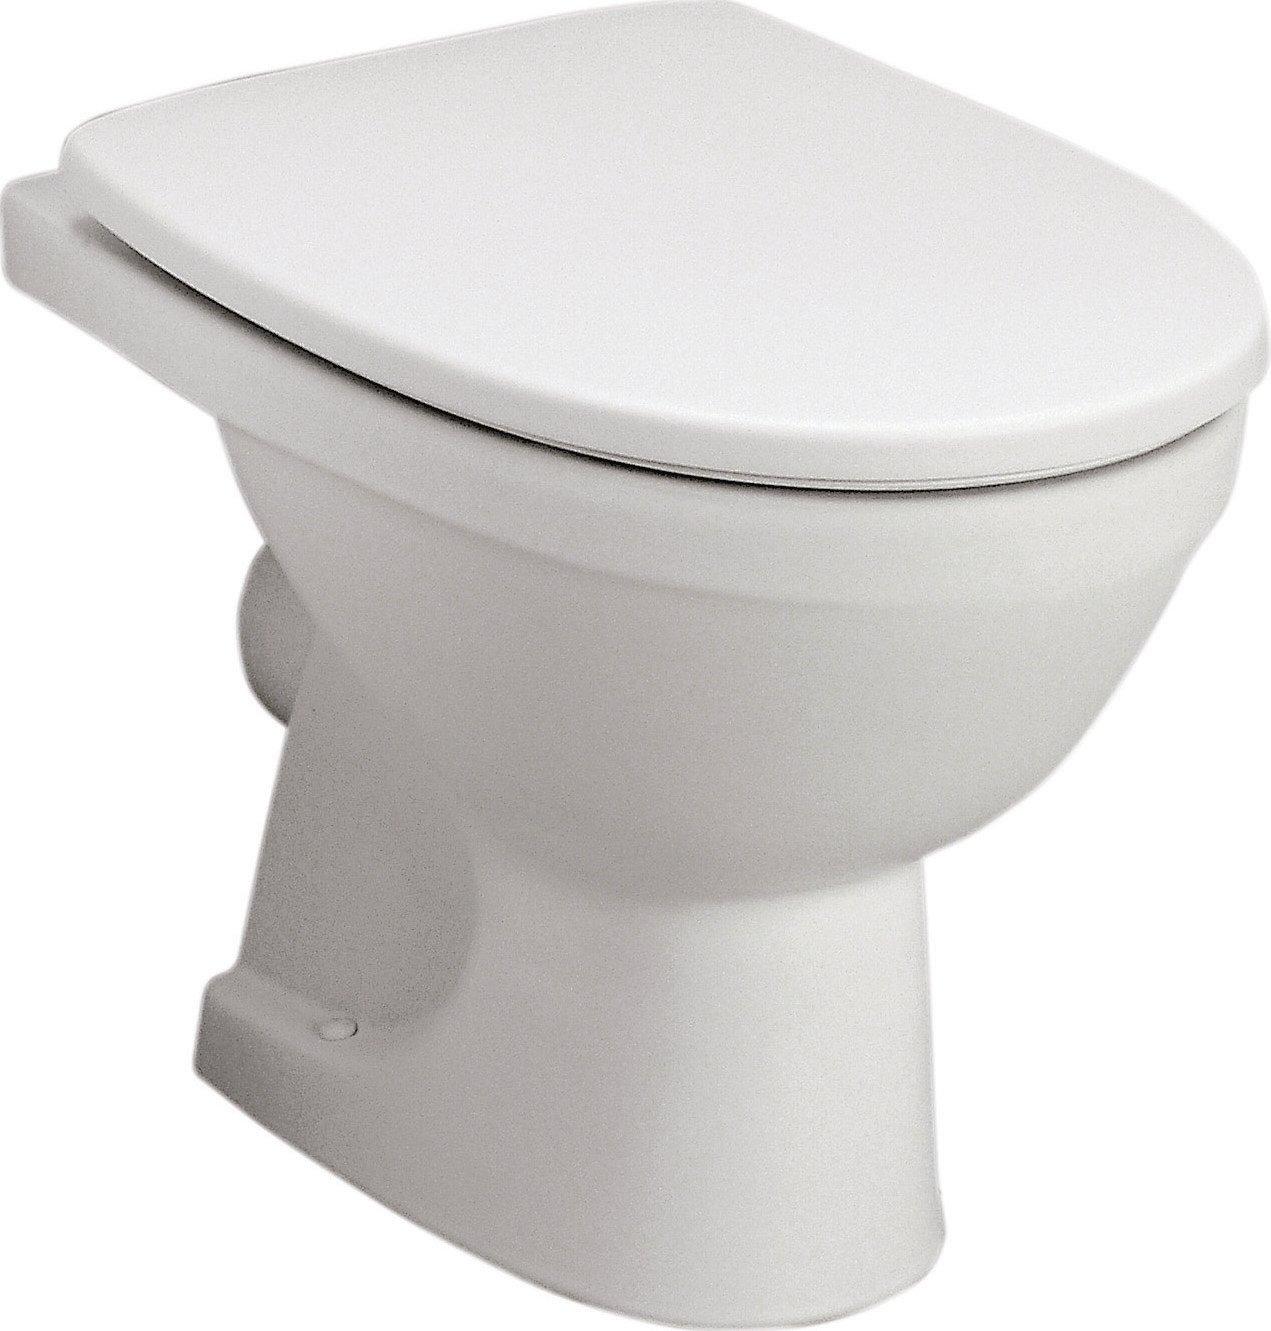 Stand-WC-Set Lucanto Weiß mit WC-Sitz Tiefspüler Abgang waagerecht Toilette NEU